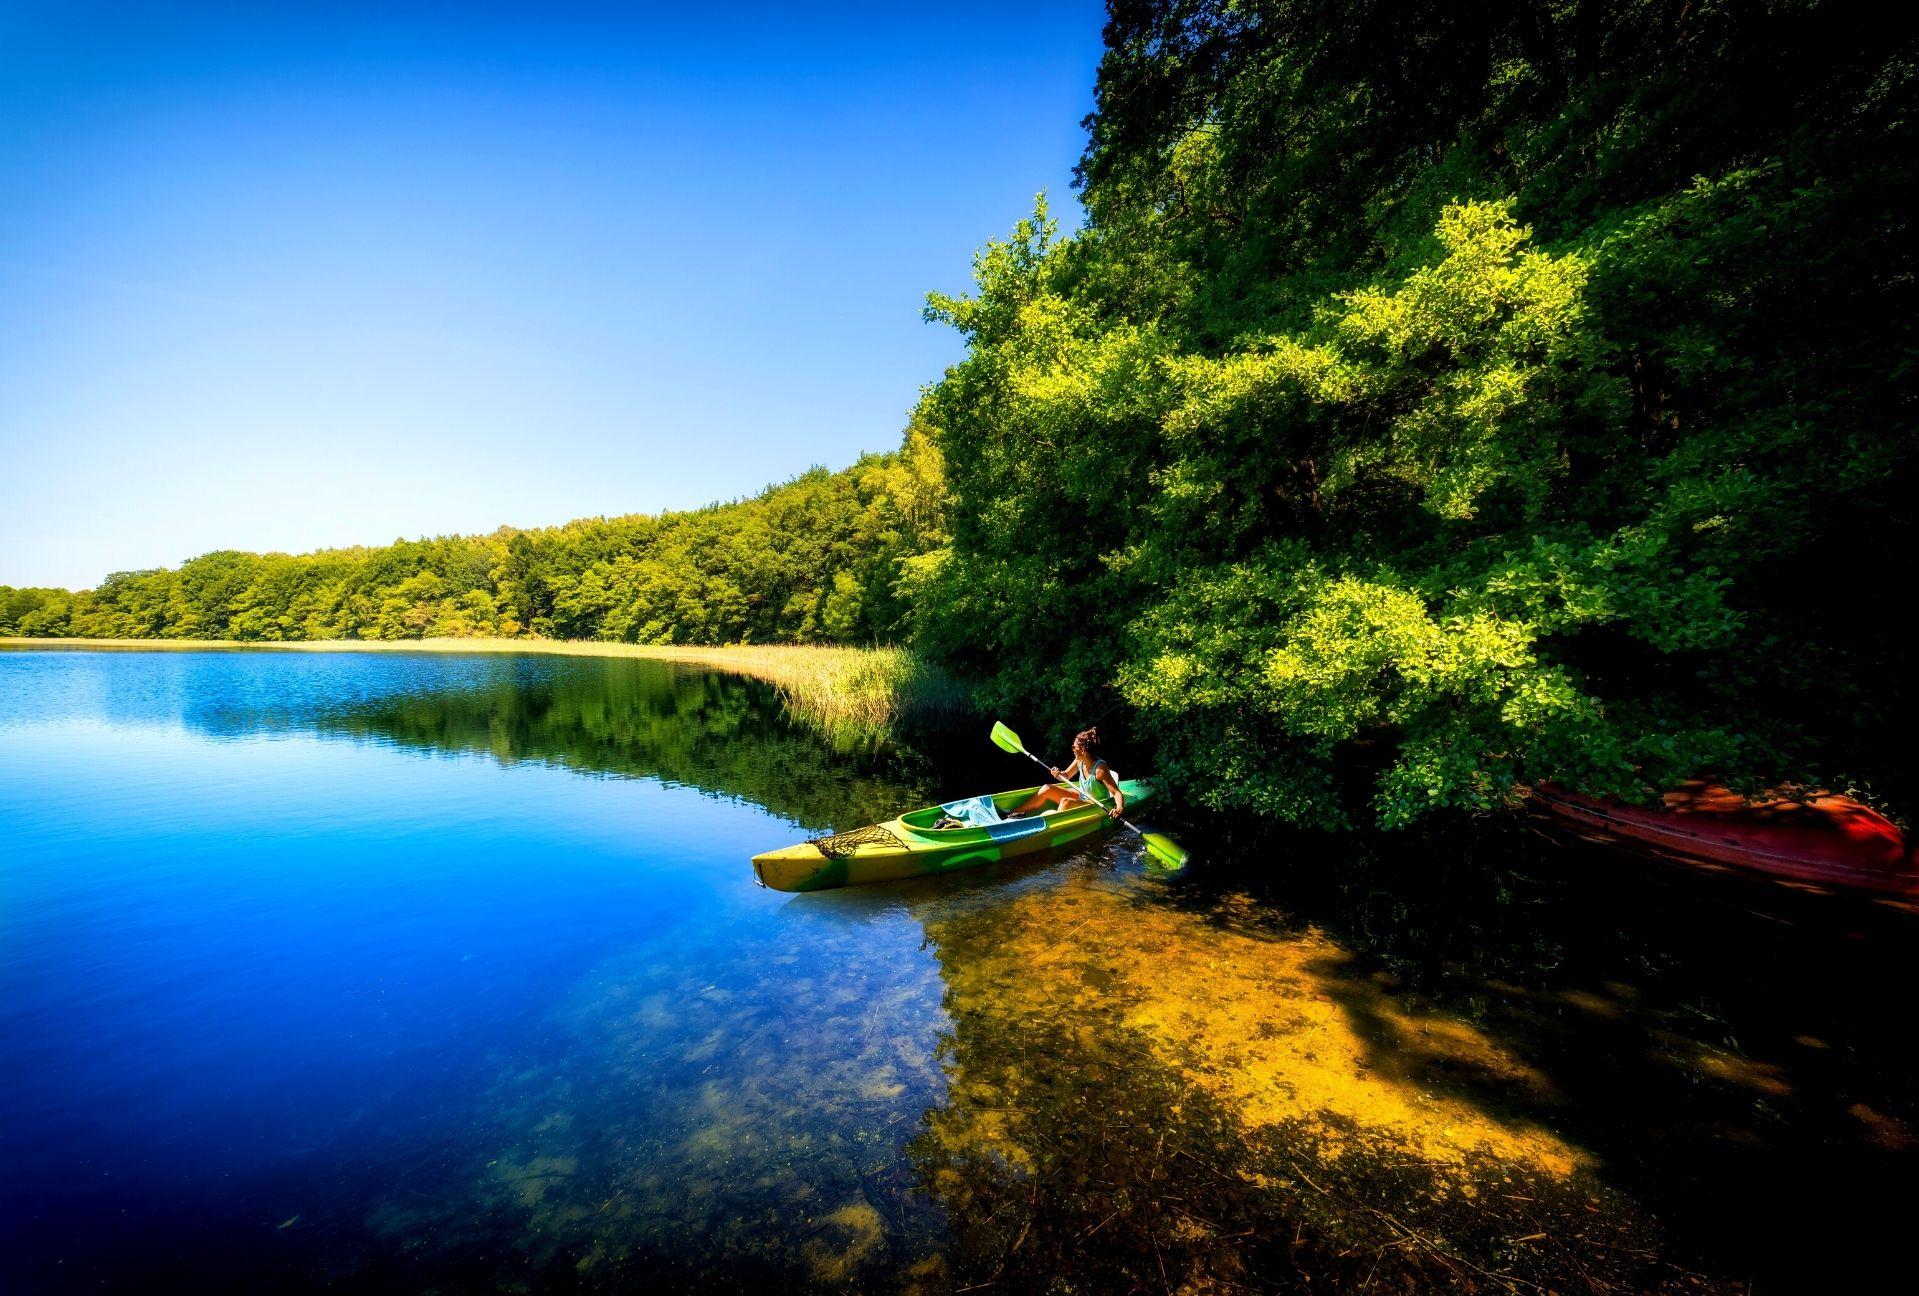 Lakes kayaking